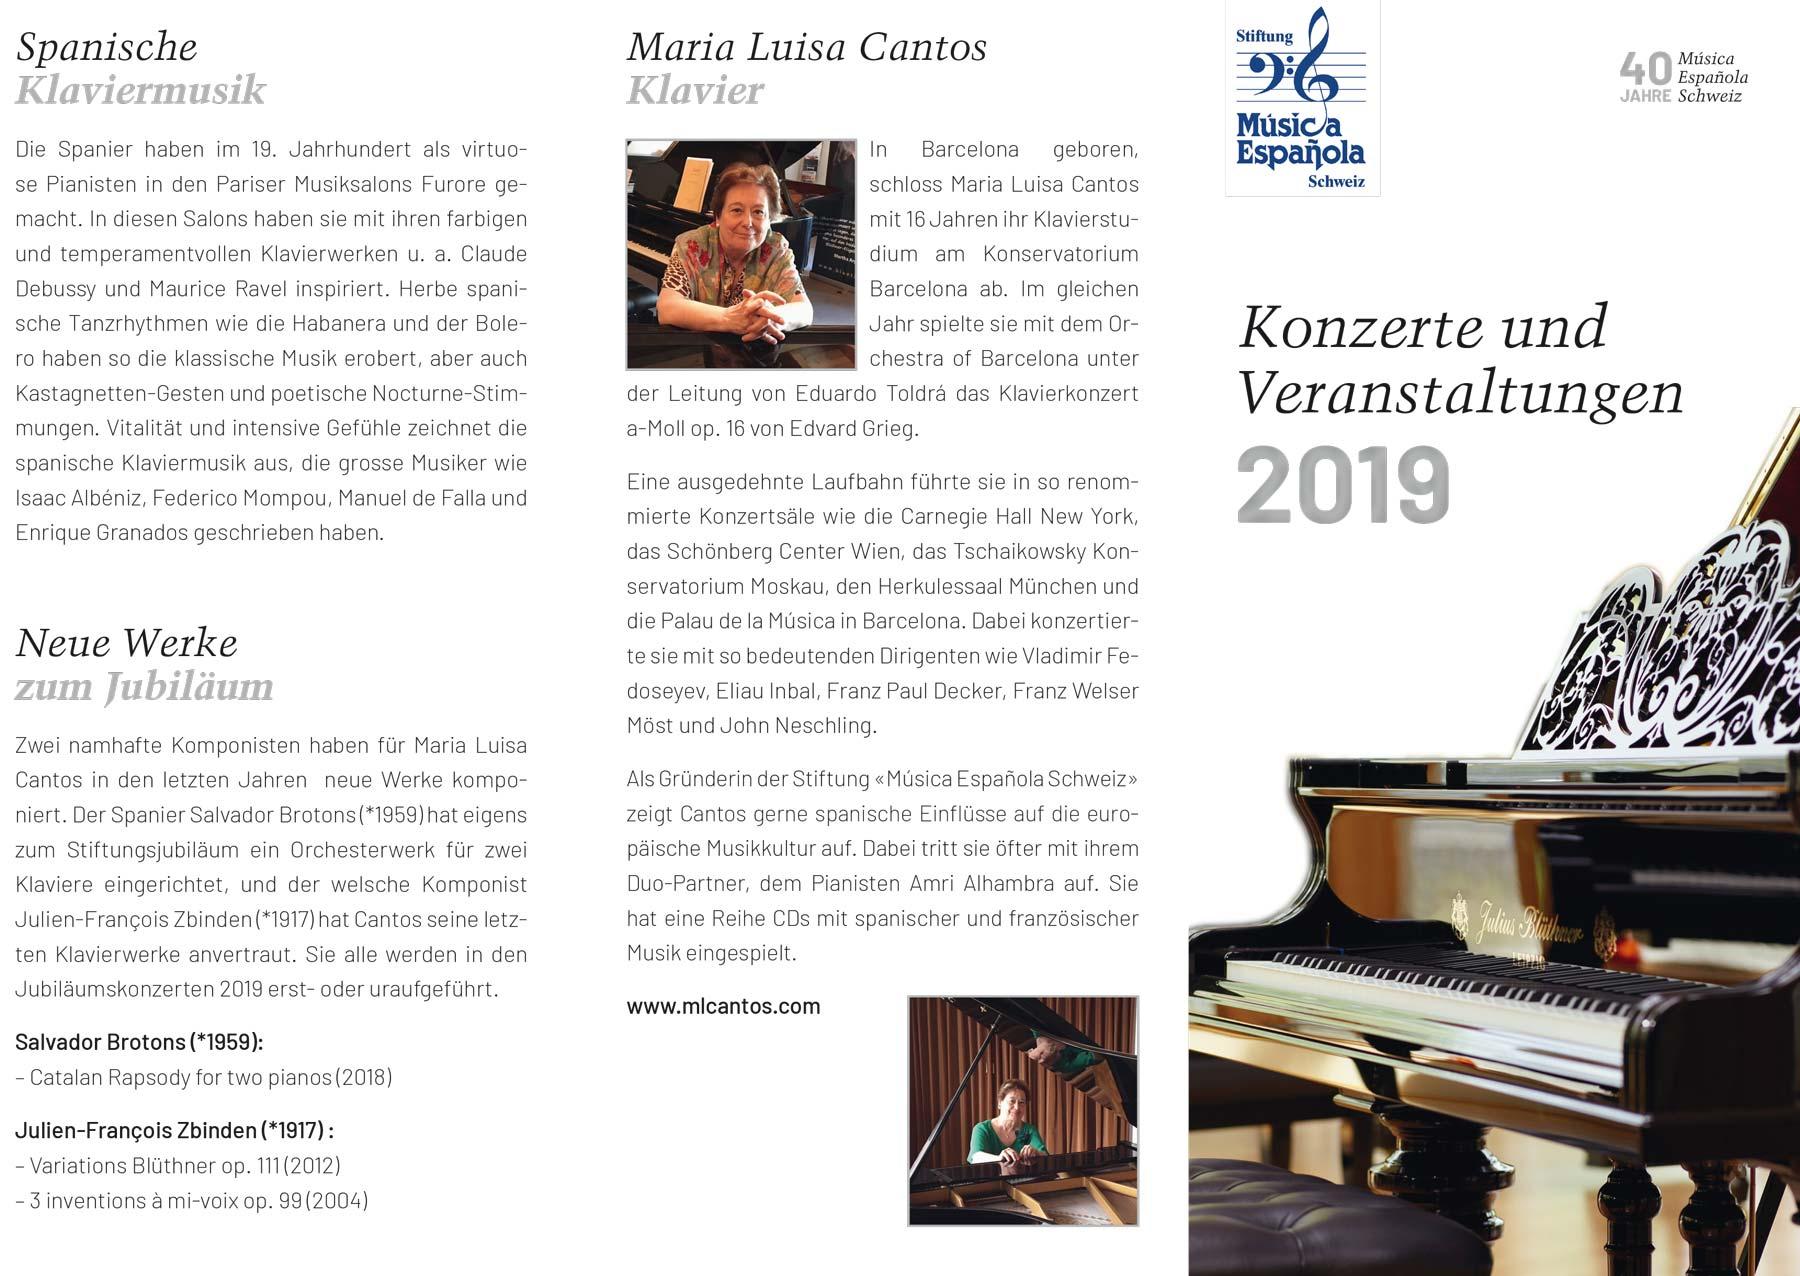 Flyer 40 Jahre Musica Espanola